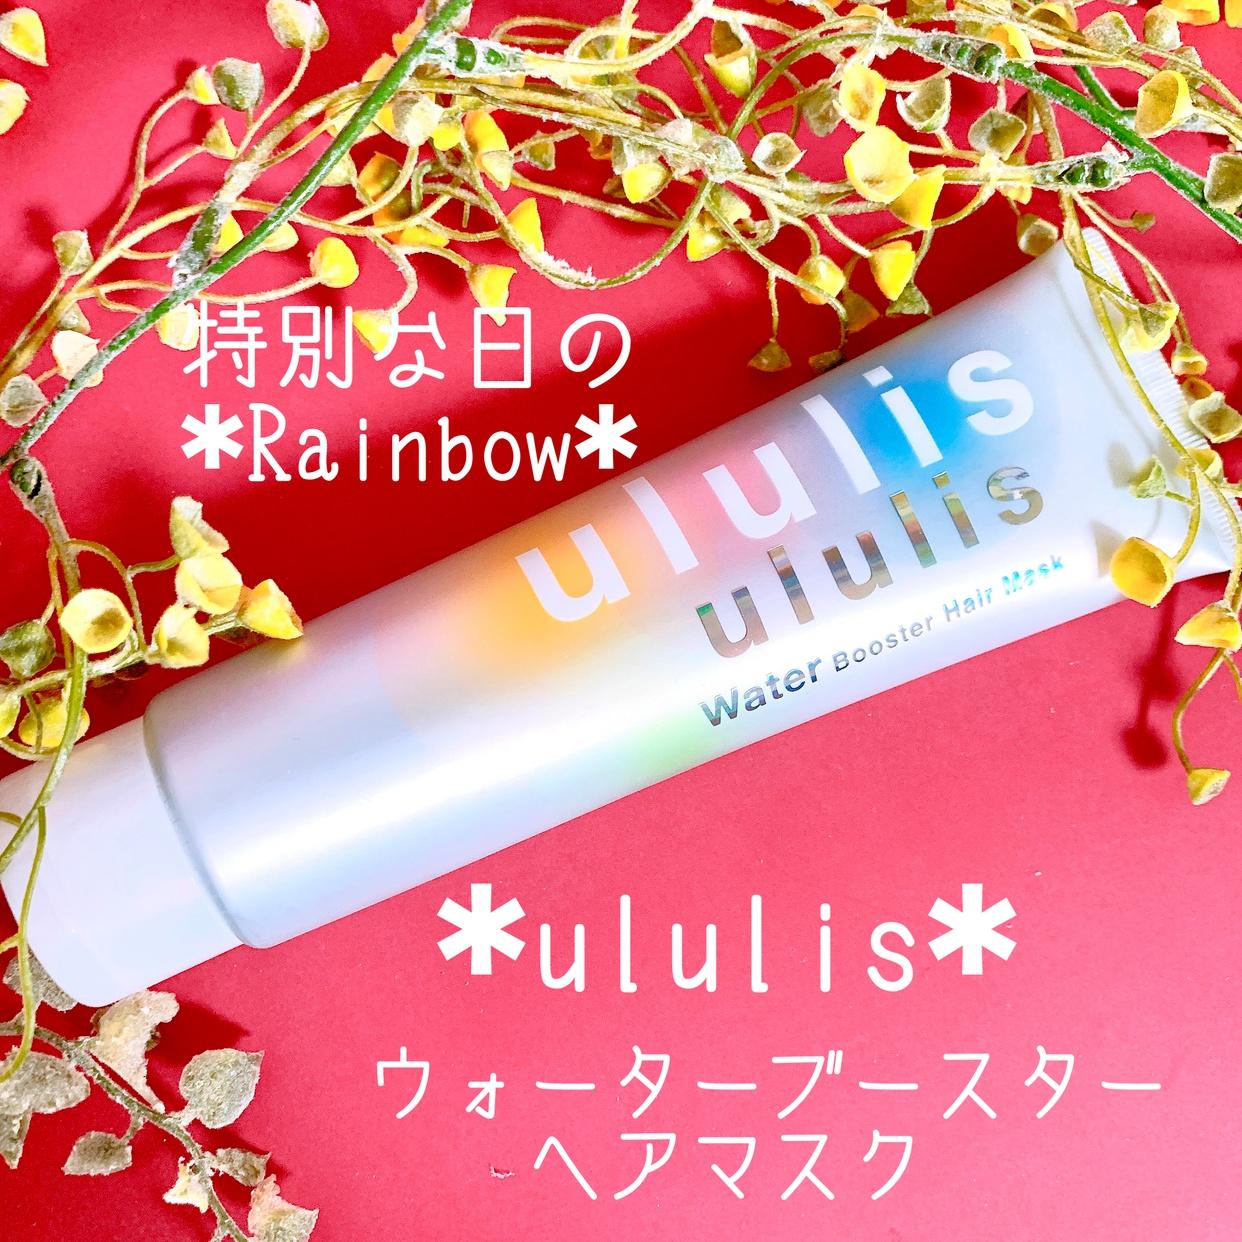 ululis(ウルリス)ウォーターブースターヘアマスクを使ったkana_cafe_timeさんのクチコミ画像1